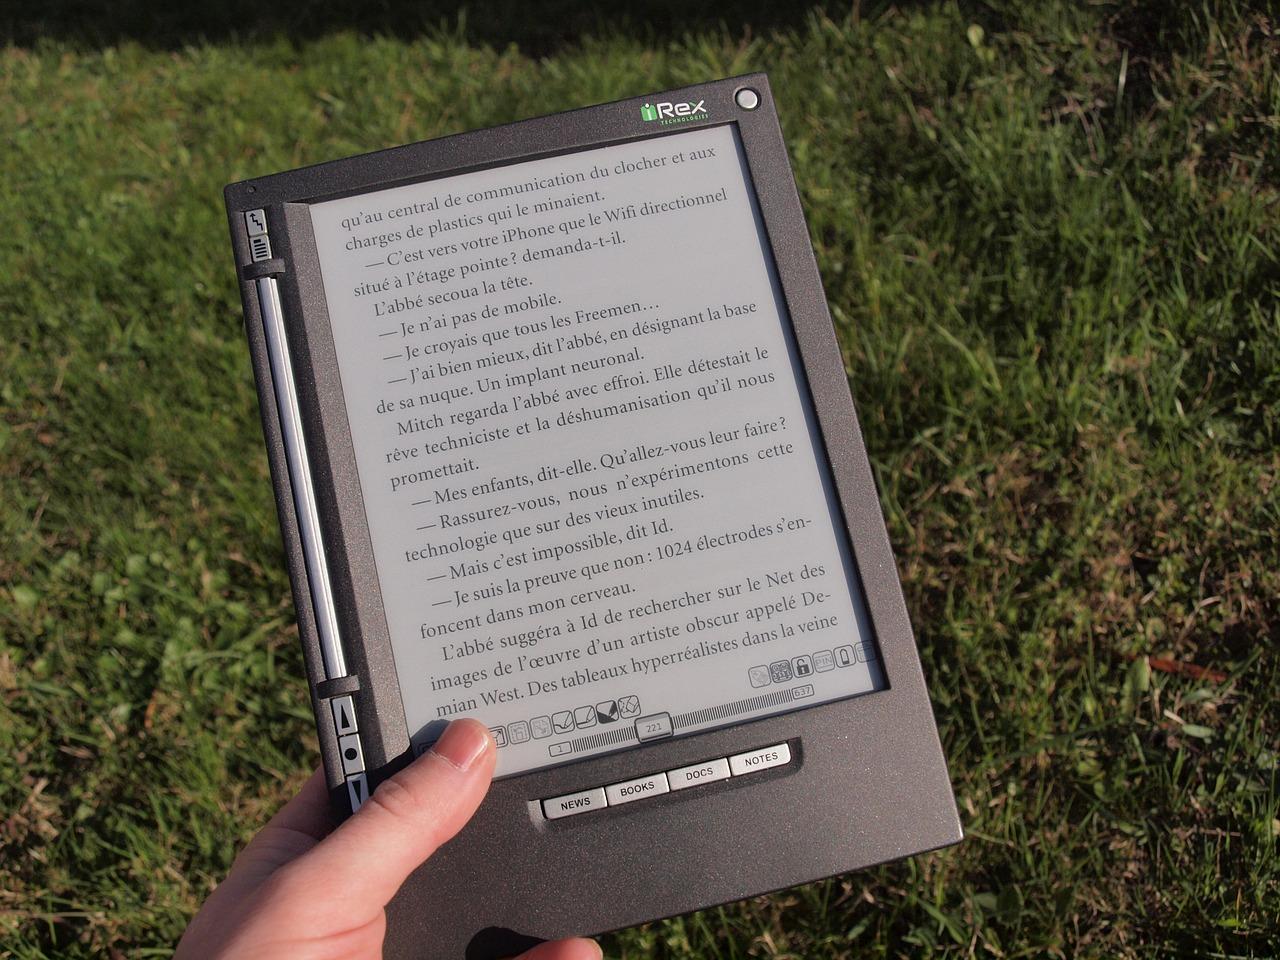 ebook reader - pennino